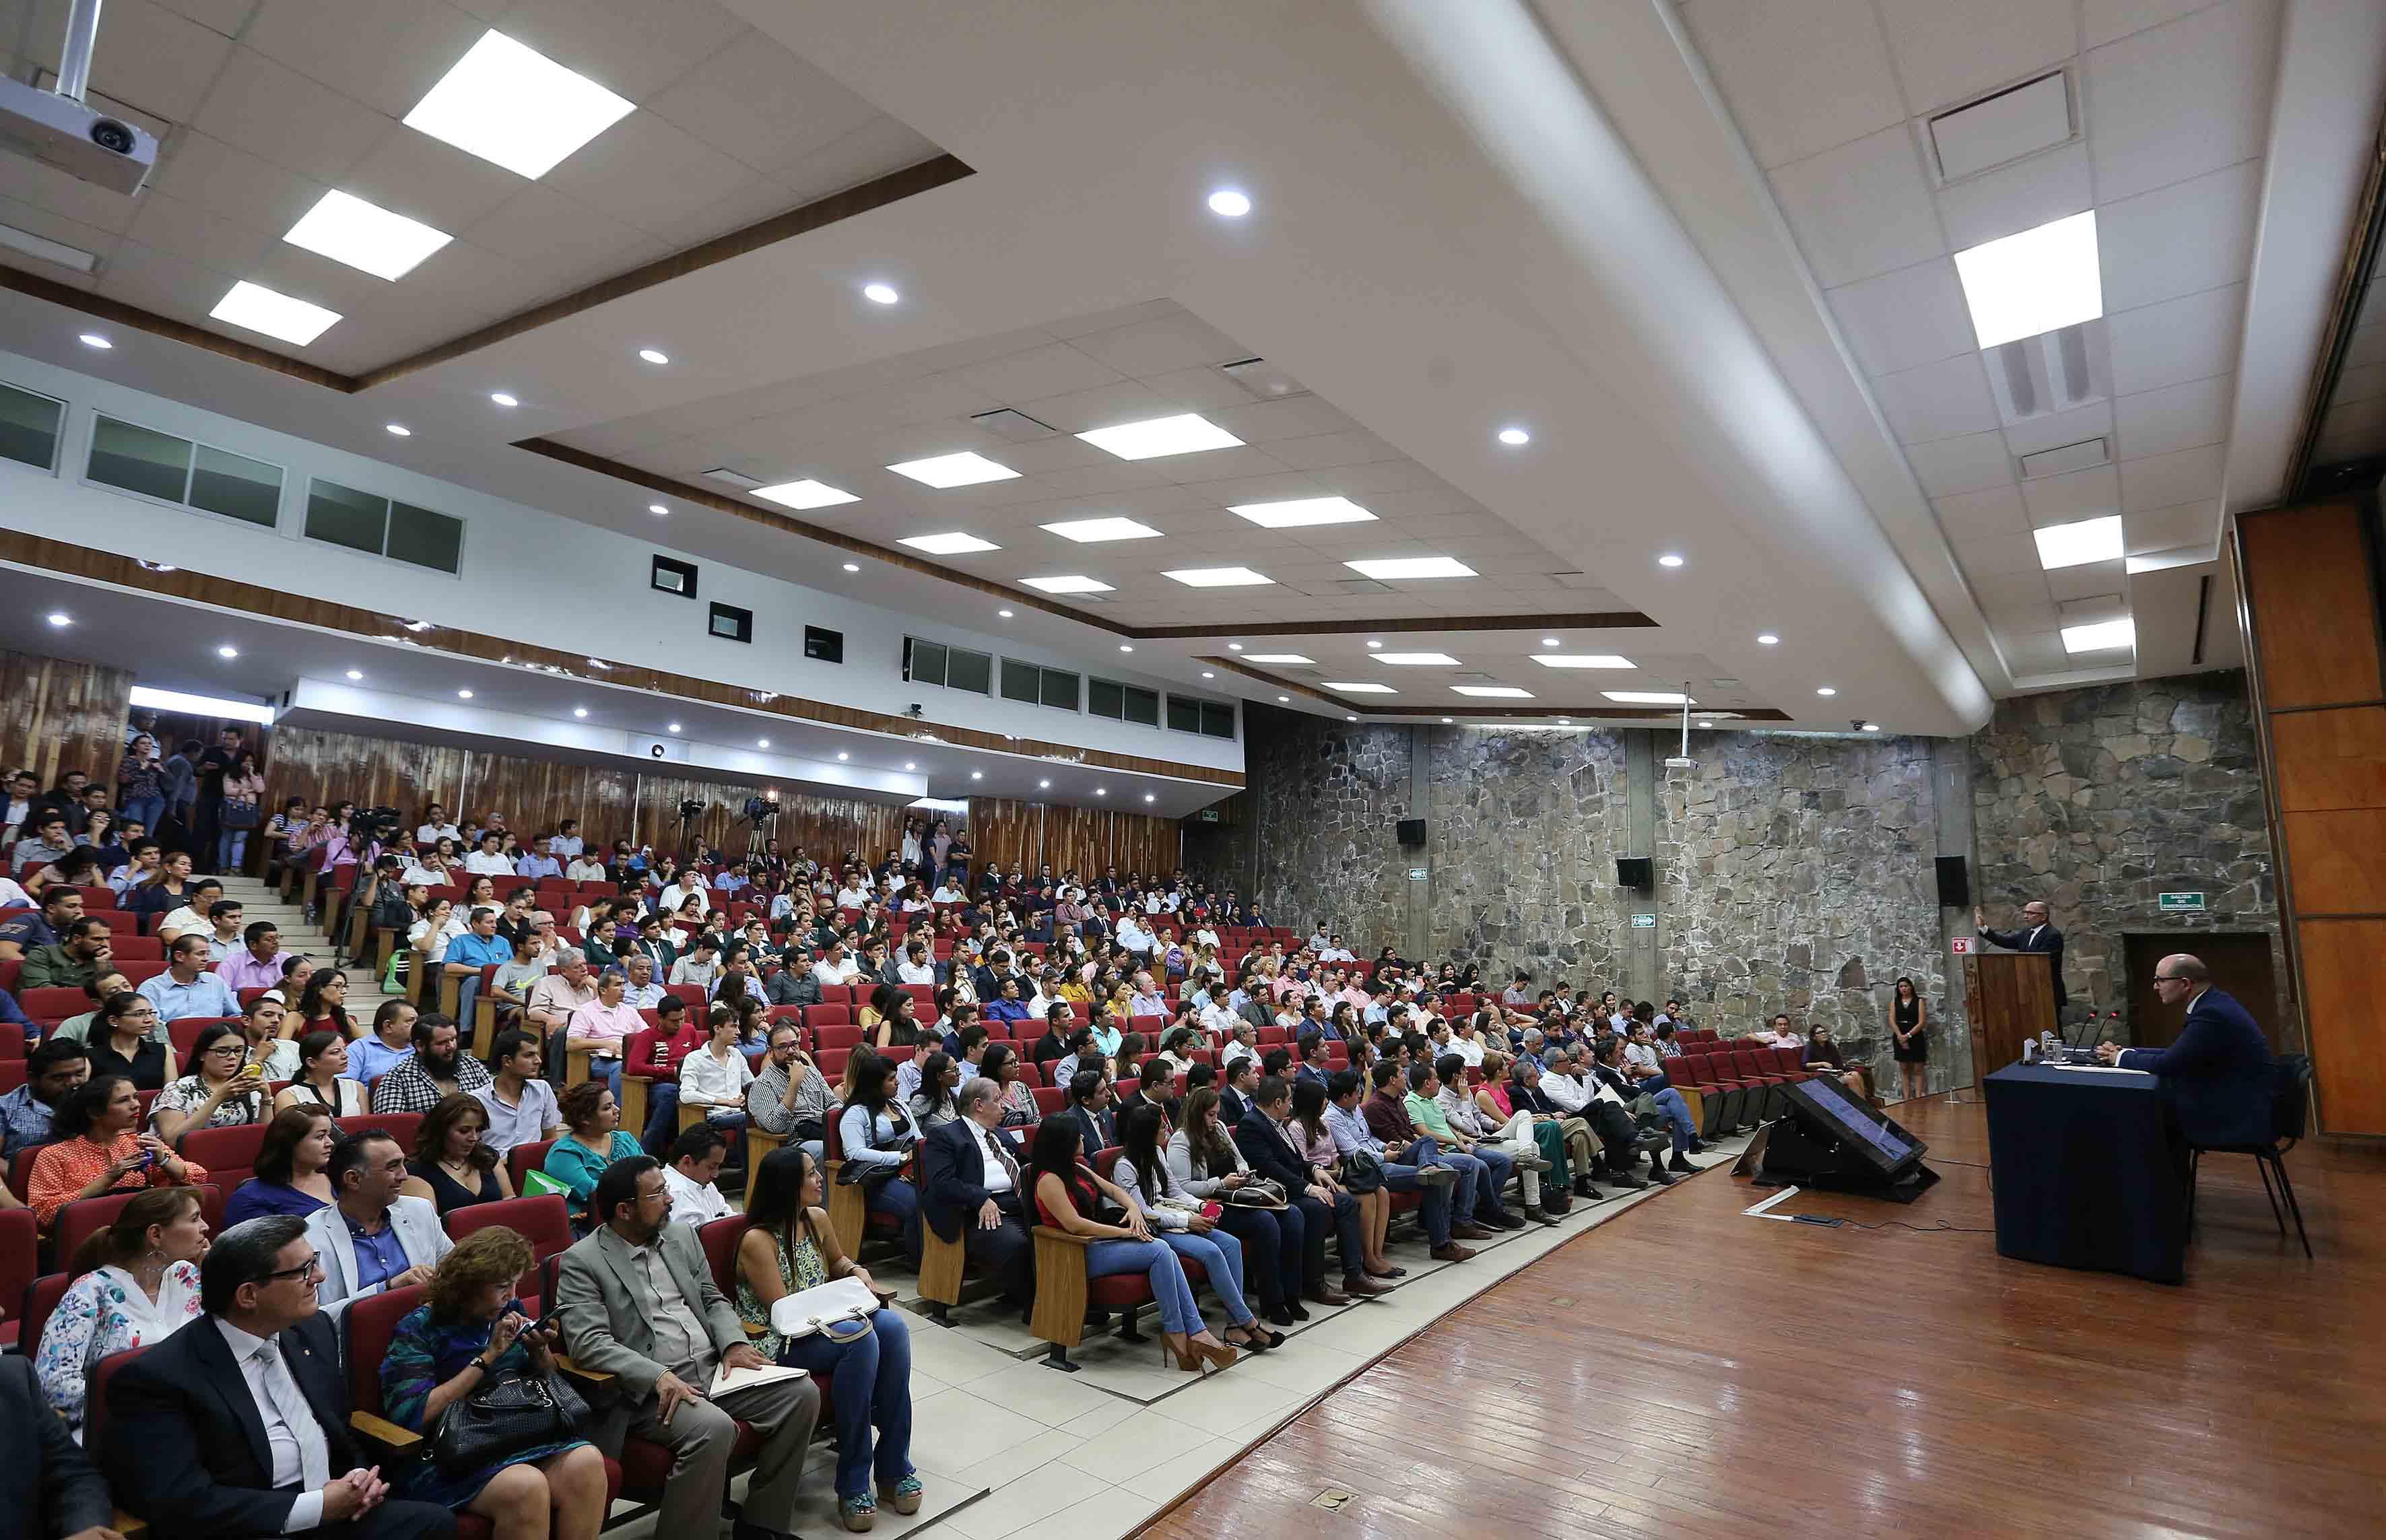 """Conferencia """"Cambio social y cambio jurídico"""", impartida por el doctor José Ramón Cossío Díaz, en el auditorio Salvador Allende del Centro Universitario de Ciencias Sociales y Humanidades (CUCSH)."""